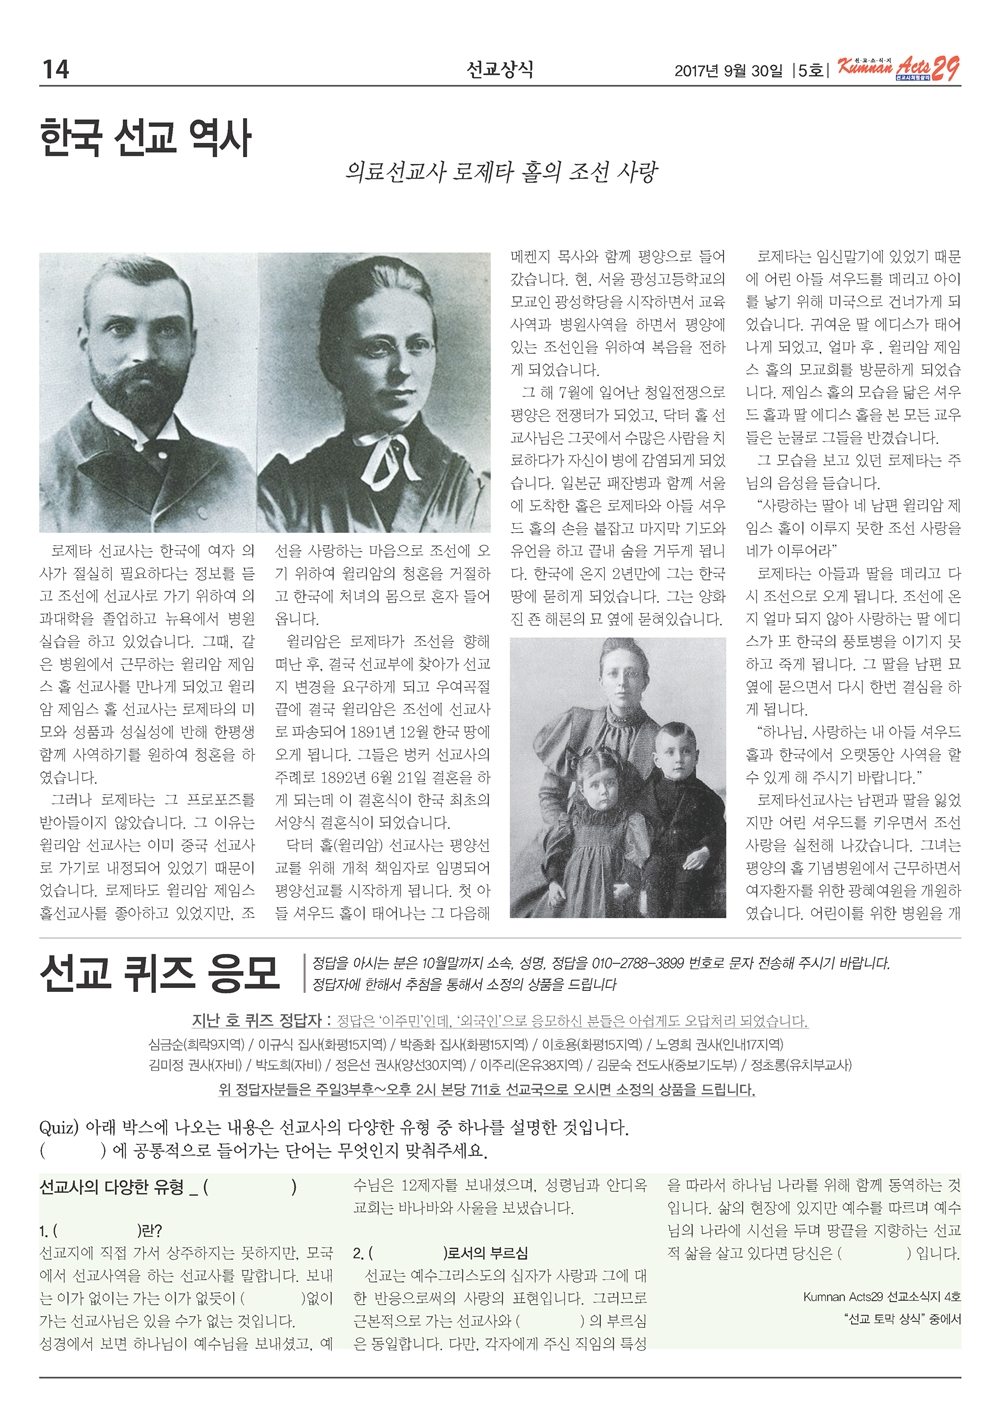 금란선교소식지 5호_Page_14.jpg